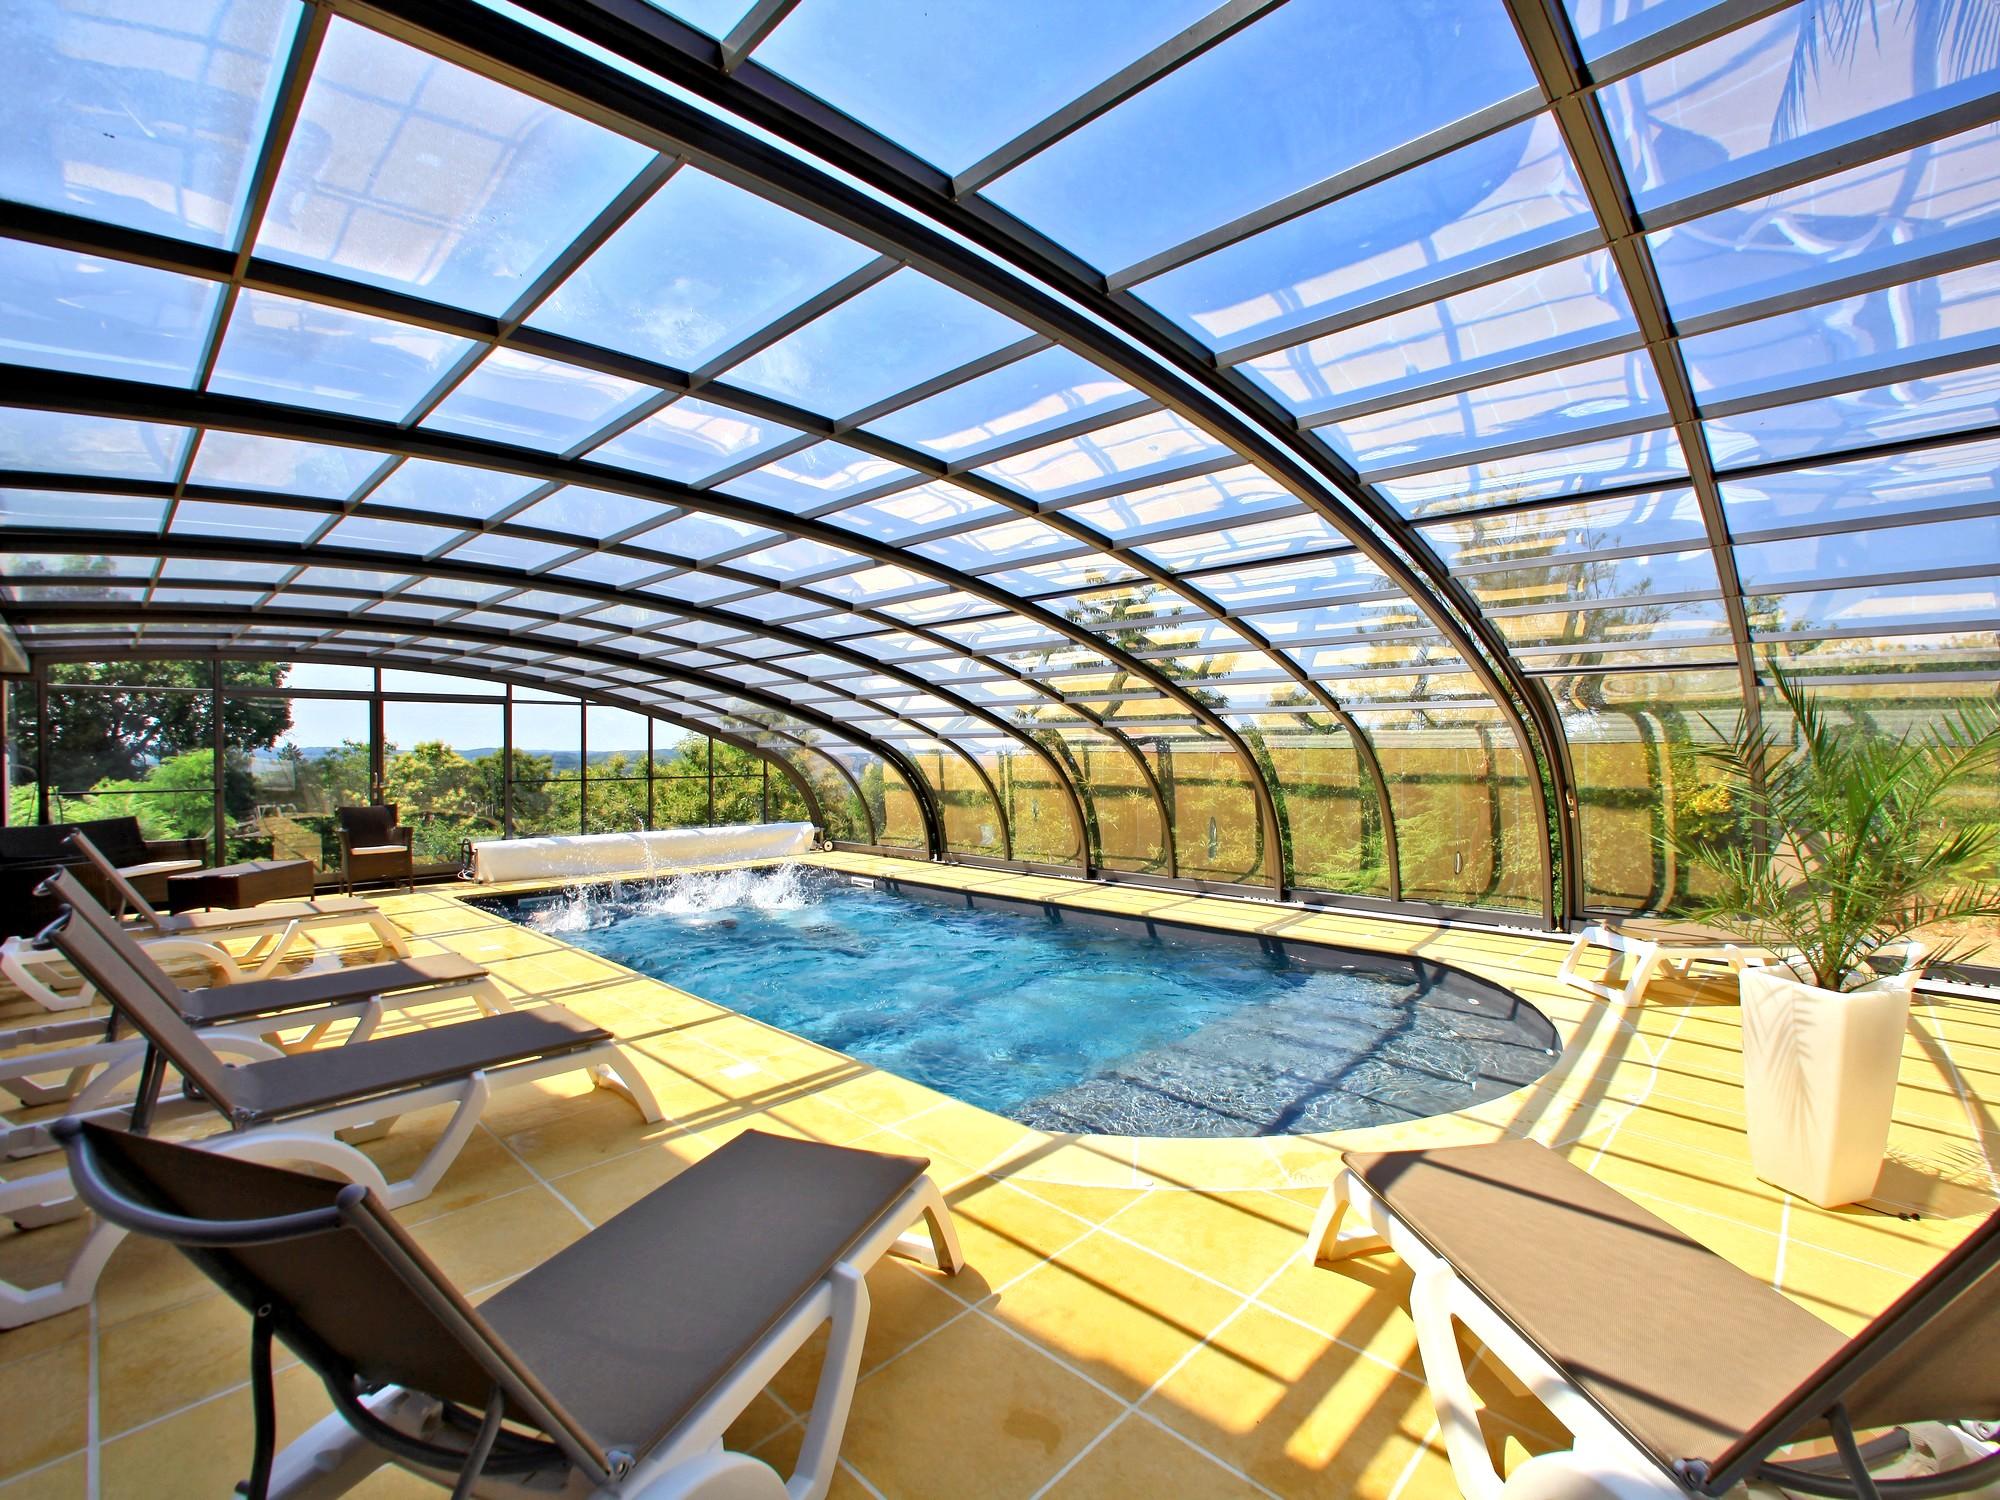 piscine chauffee couverte